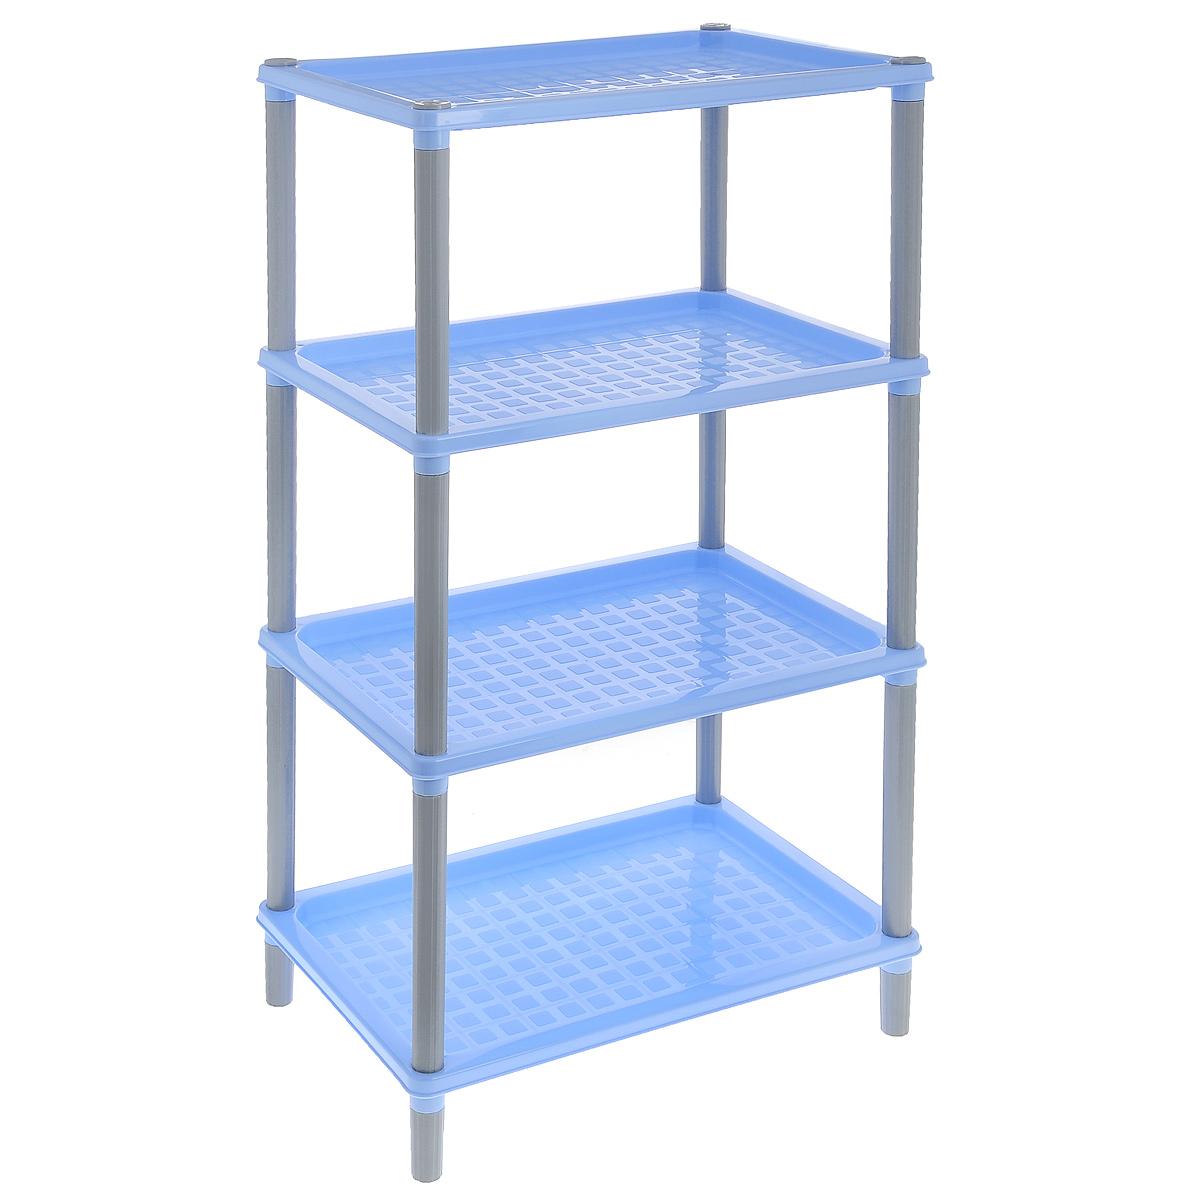 Этажерка Бытпласт Флавия, 4-секционная, цвет: голубой, 42 х 29 х 81 см157782_голубойЭтажерка Бытпласт Флавия выполнена из высококачественного прочного пластика. Этажерка содержит 4 полки для хранения различных бытовых предметов, посуды, продуктов, ванных принадлежностей и т.д. Очень удобная и компактная, но в тоже время вместительная, такая этажерка прекрасно впишется в пространство любого помещения. Ее можно поставить в прихожую, в ванную, в комнату или на кухню. Она поможет легко организовать пространство и хранить ваши вещи в порядке. Легко собирается и разбирается.Размер этажерки (ДхШхВ): 42 х 29 х 81 см. Размер полки (ДхШхВ): 42 х 29 х 3,5 см.